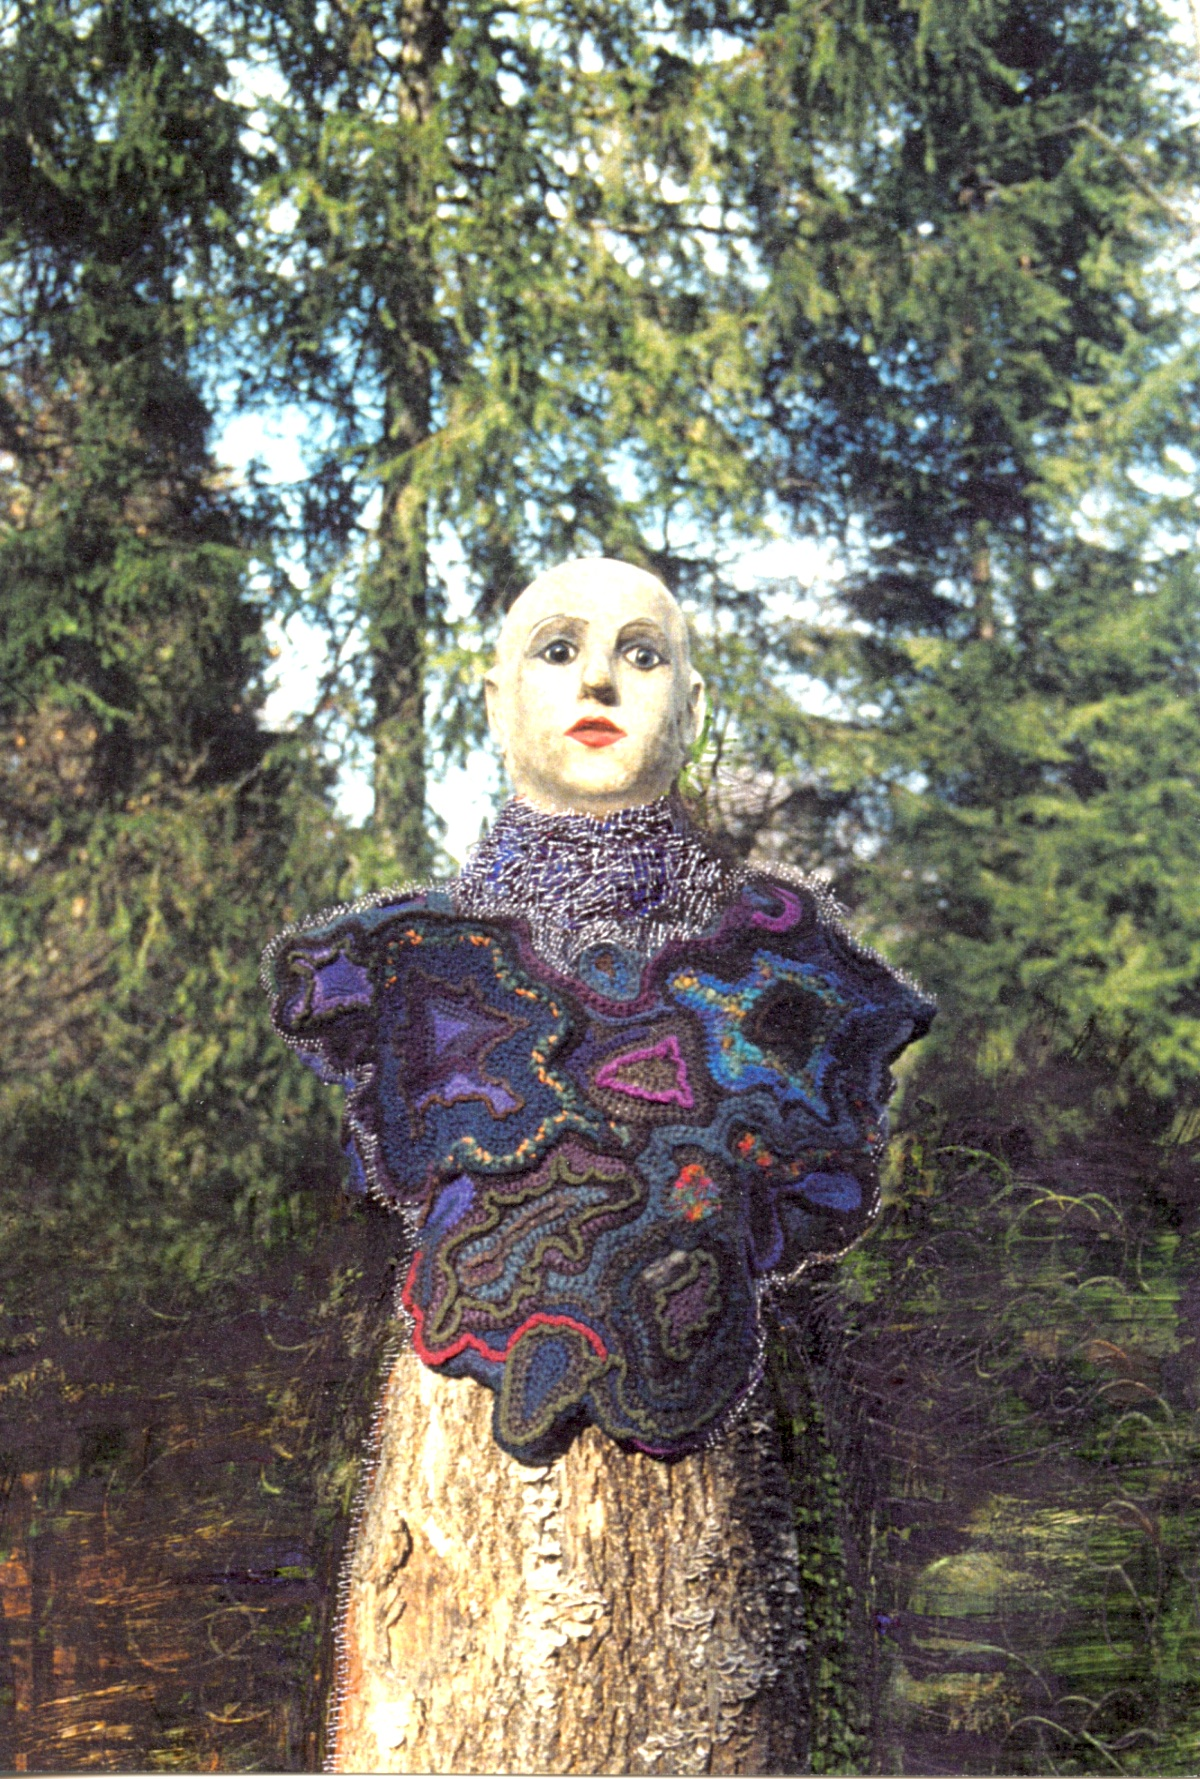 irena-martens-crochet-sculpture